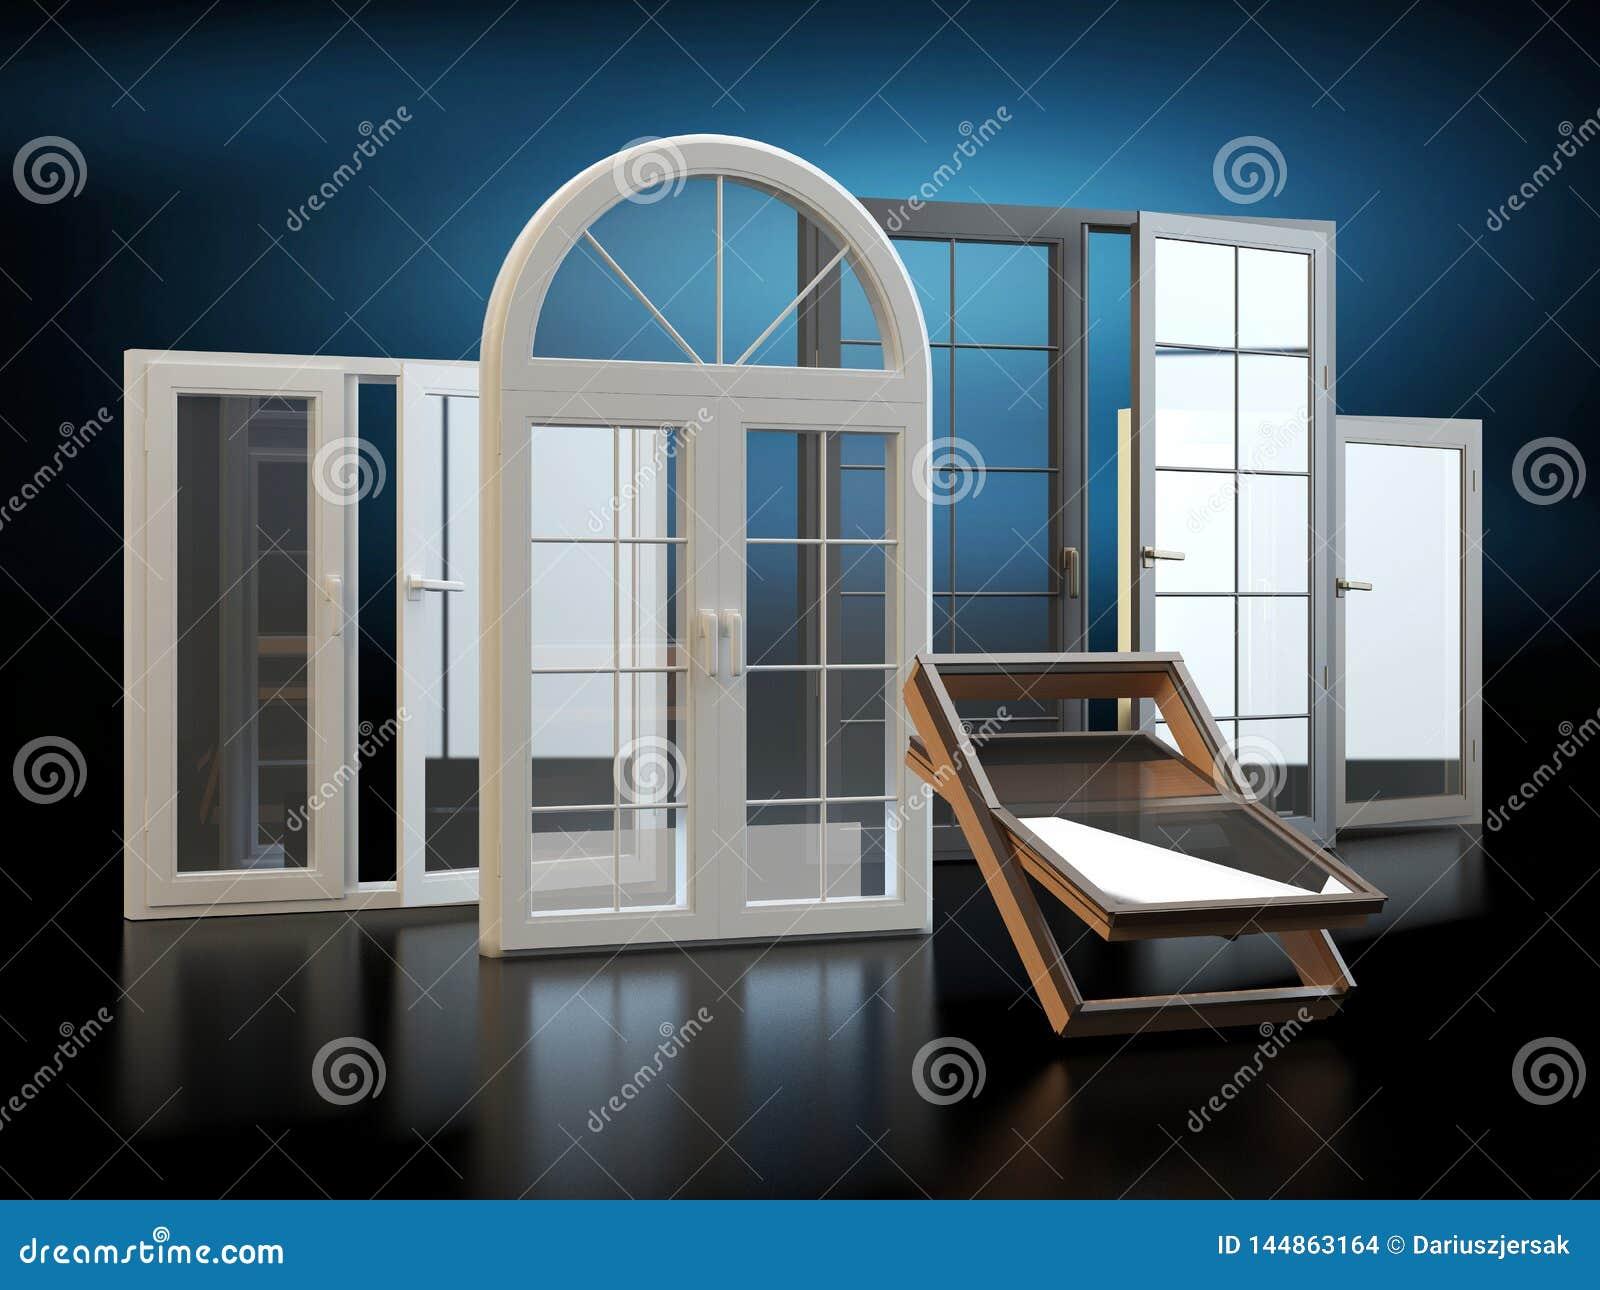 Windows - fond foncé, illustration 3D